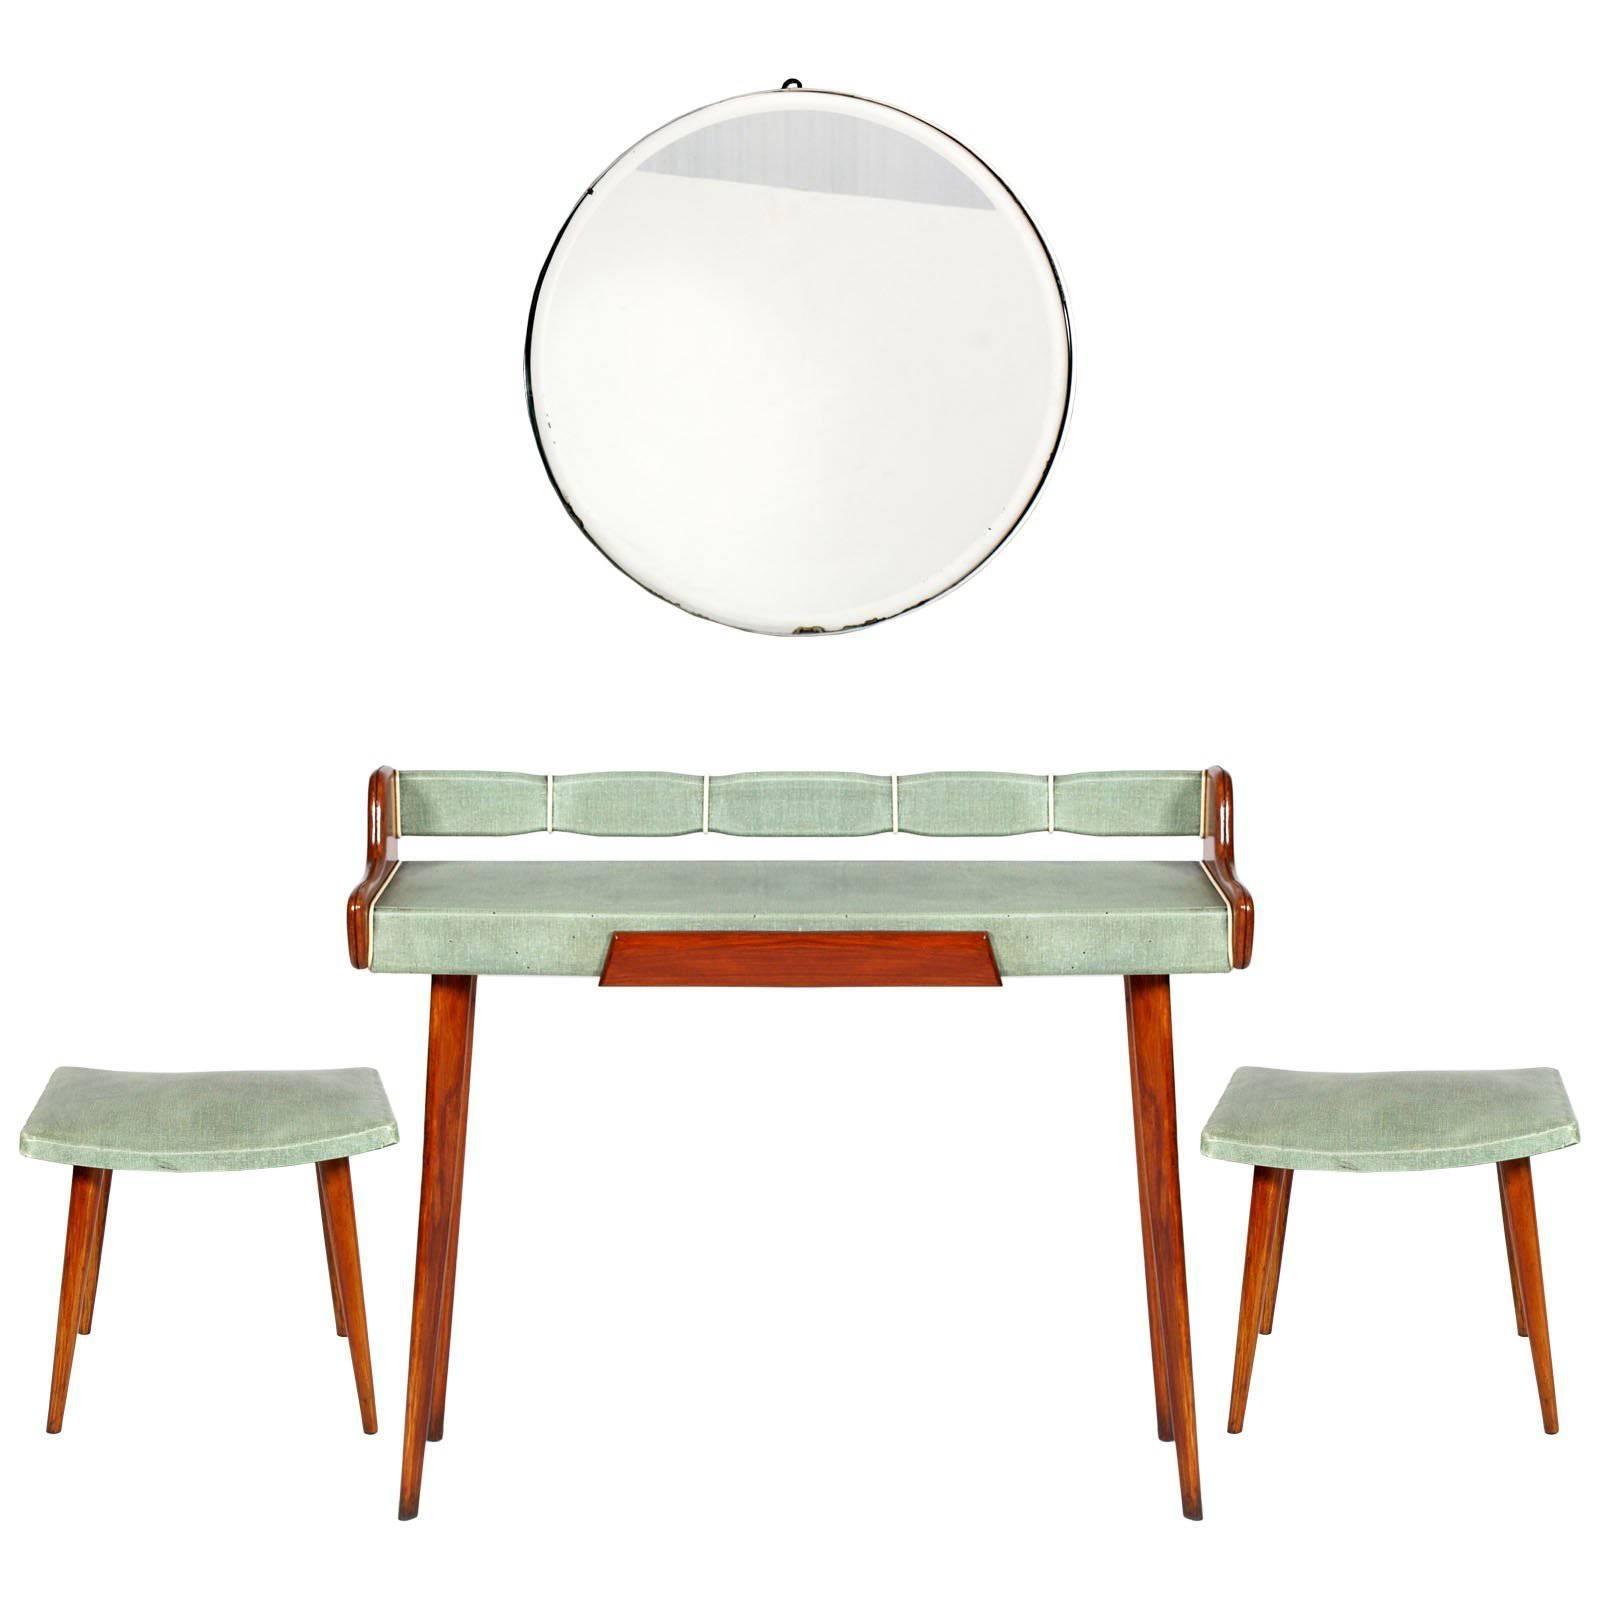 Midcentury Console & Round Beveled Mirror with Stools,  by Osvaldo Borsani